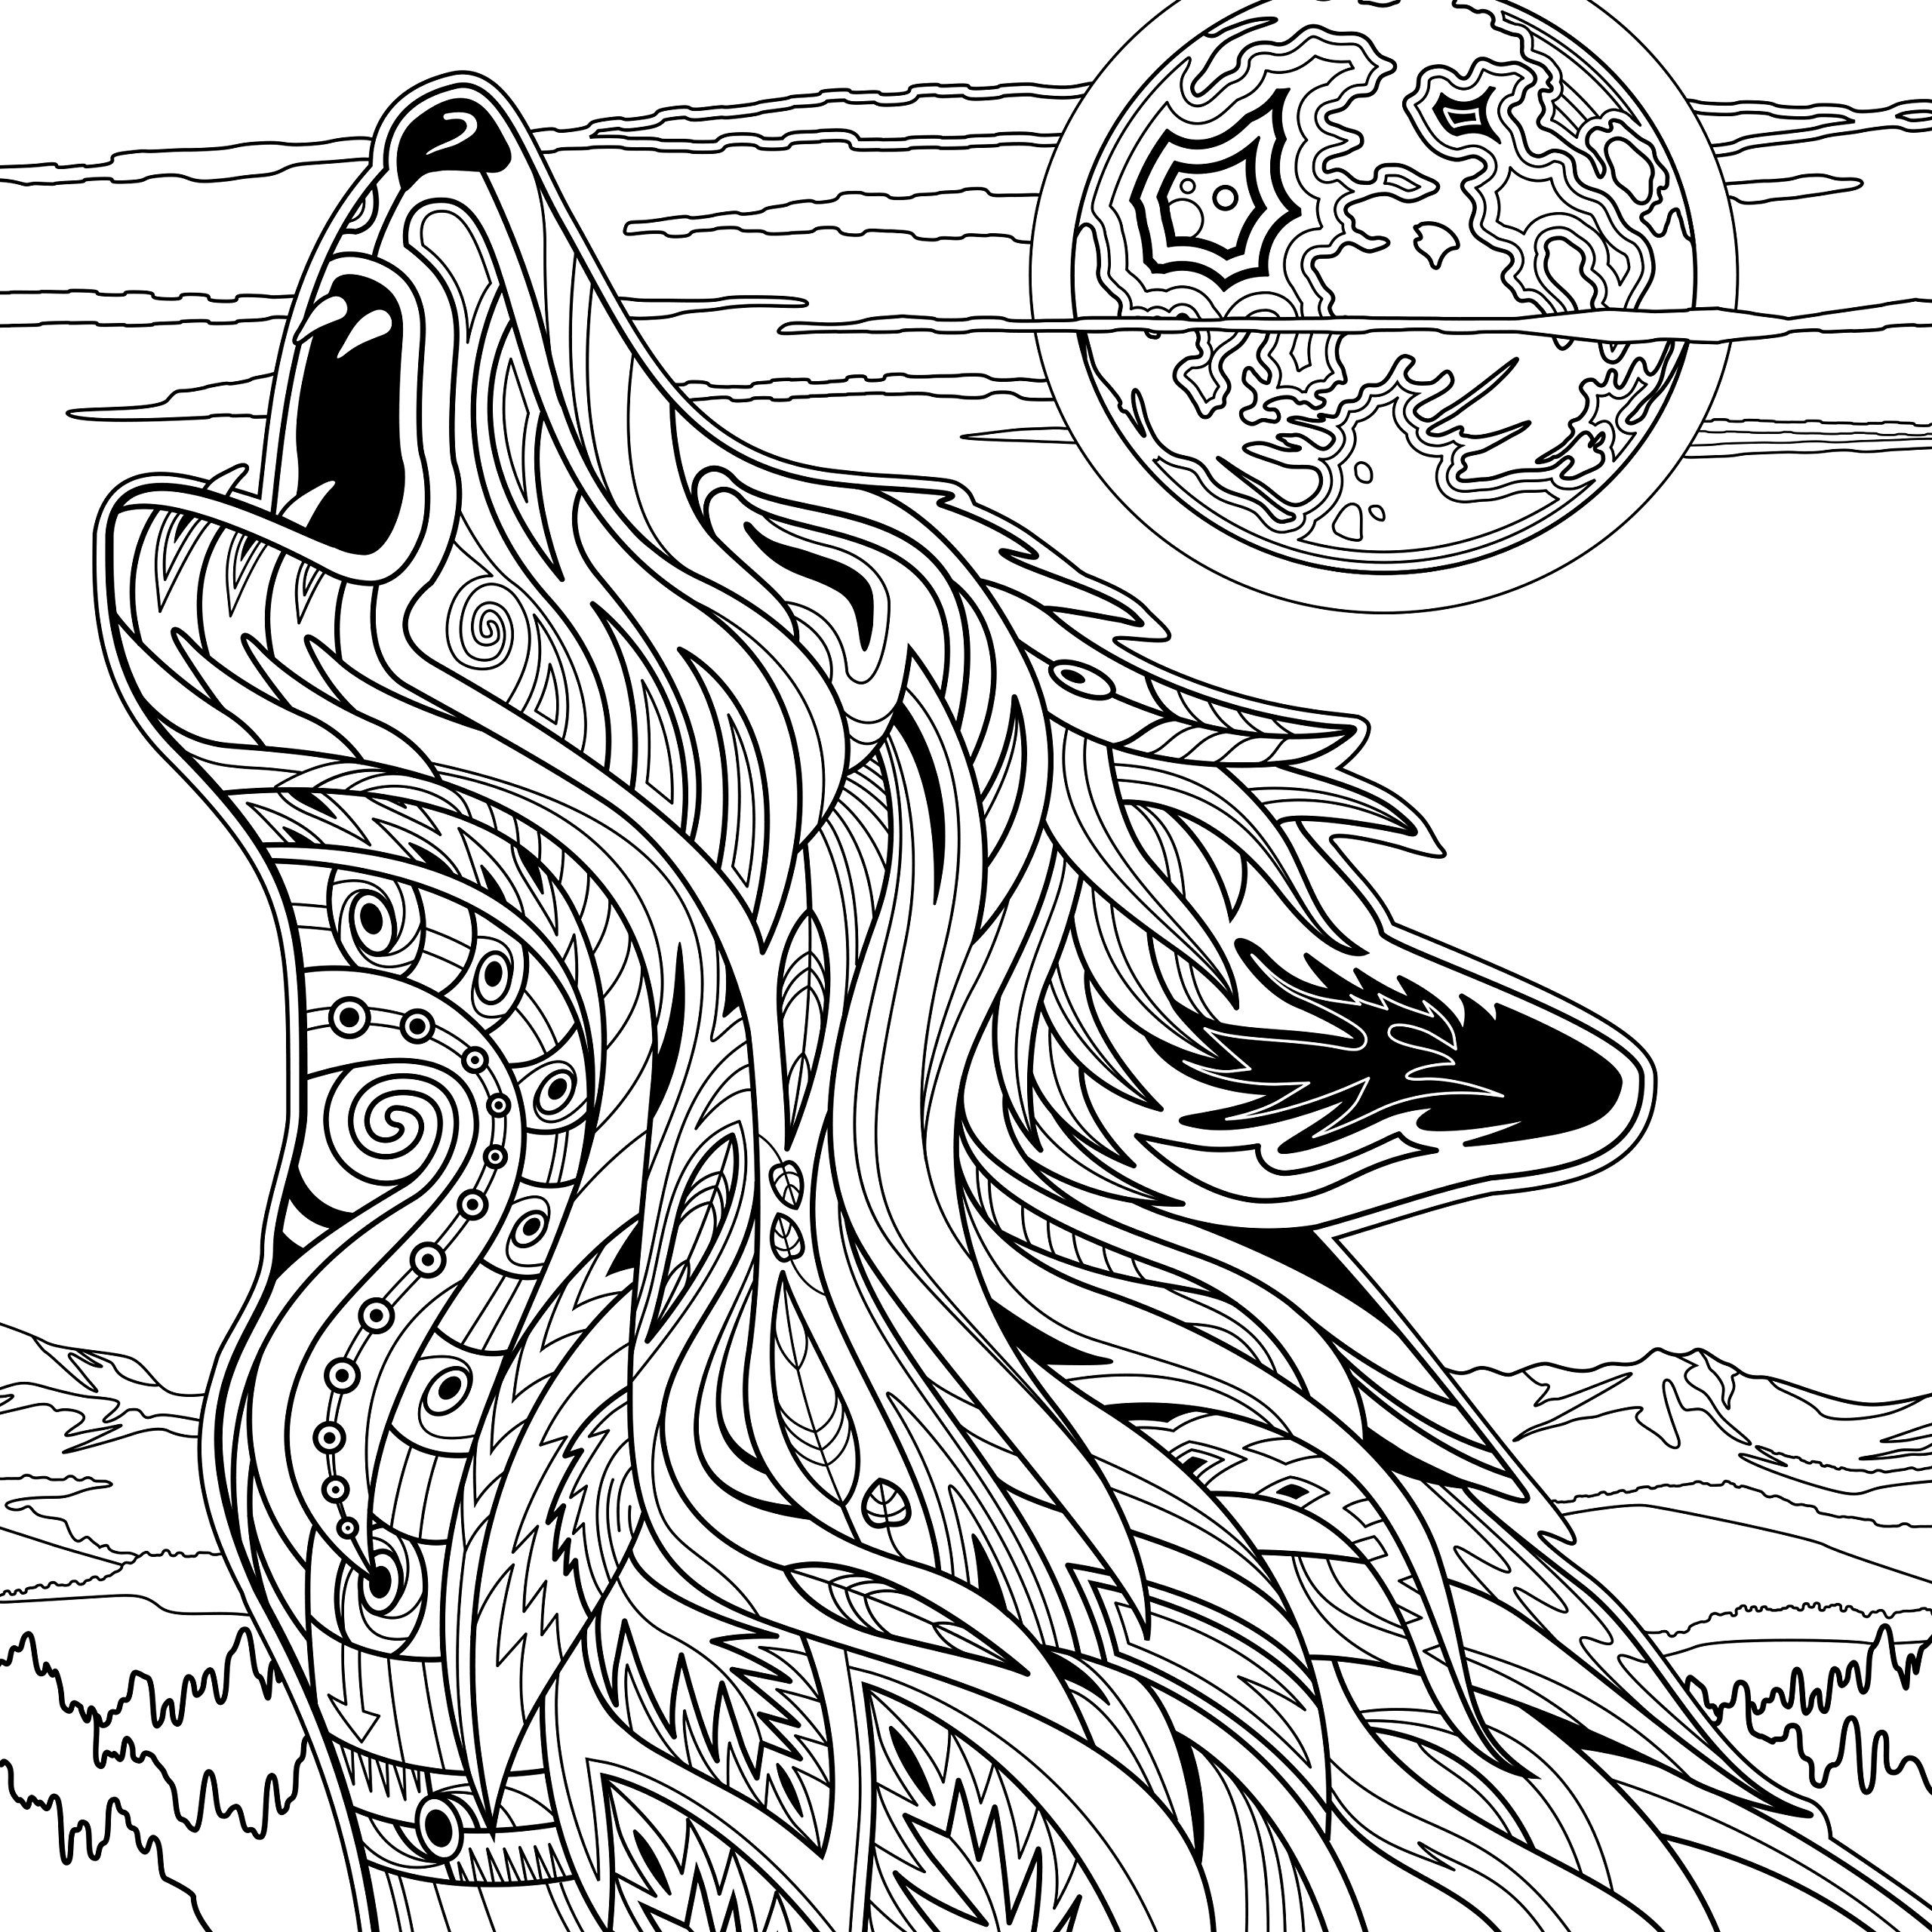 Parque Nacional De Yellowstone Adulto Coloring Book David Ember Don Compton 9780975896044 Amazon Com Libros Free Adult Coloring Pages Animal Coloring Pages Adult Coloring Pages